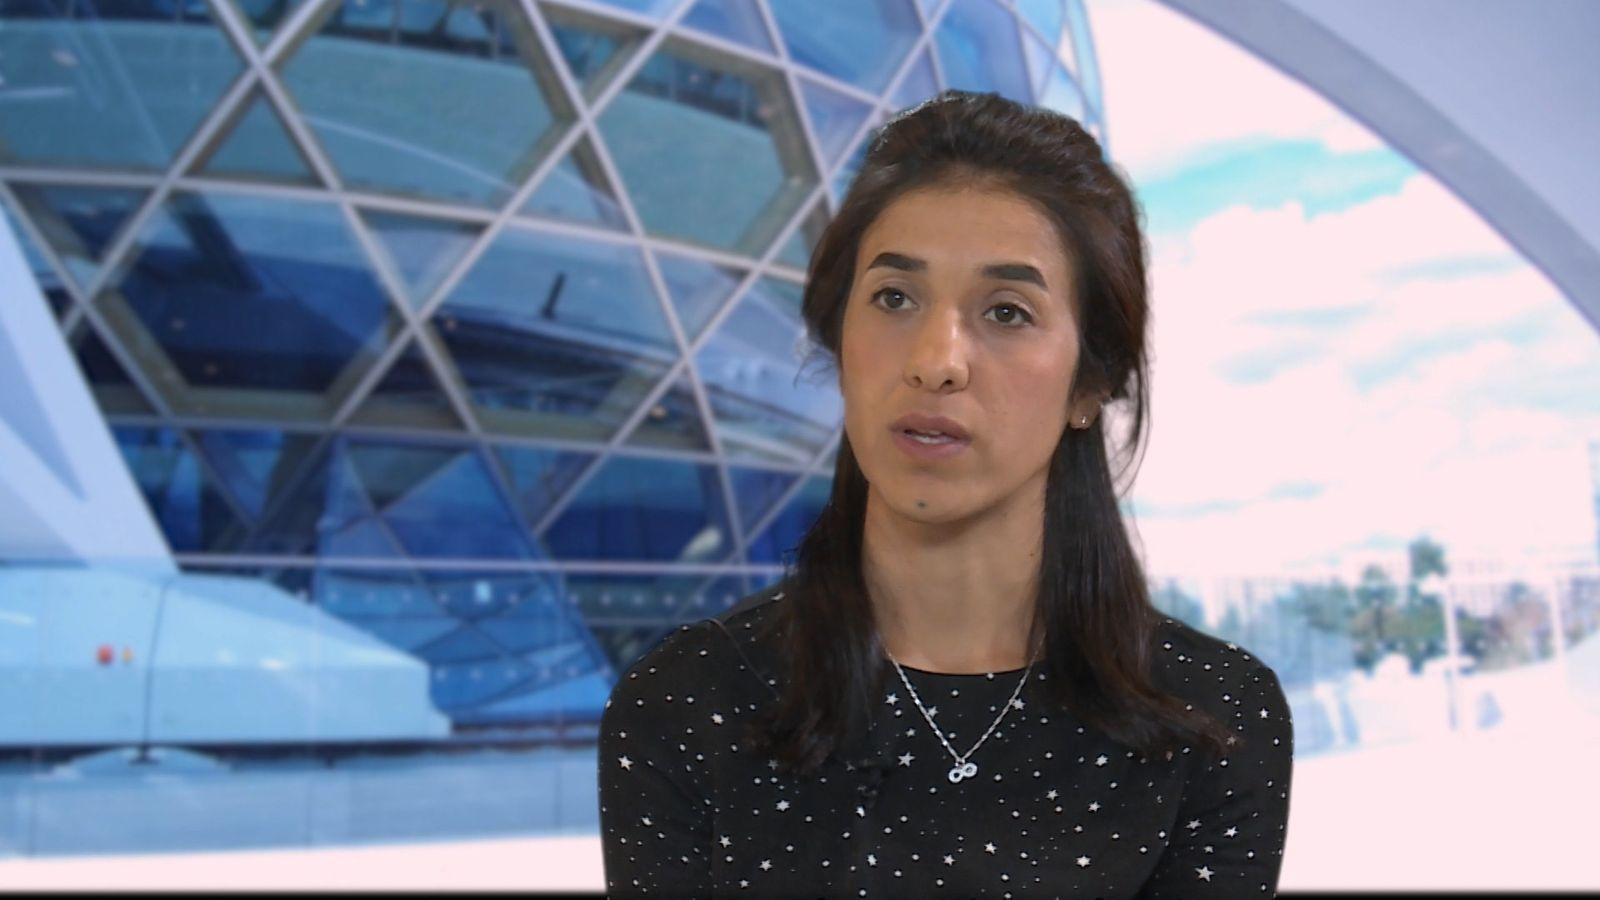 Entrevistámos Nadia Murad, Prémio Nobel da Paz